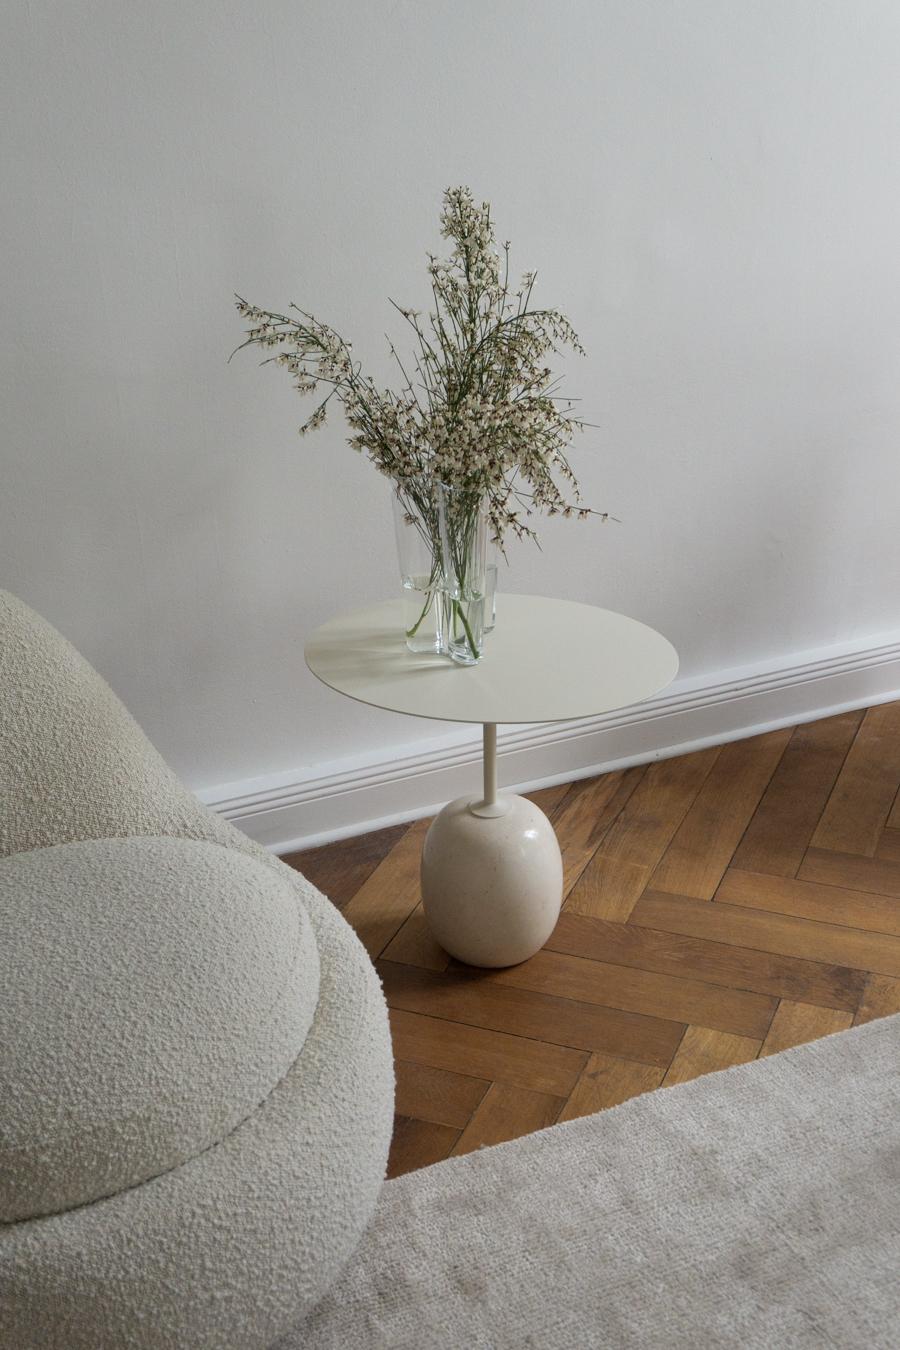 &Tradition Latto Table, Beige interior